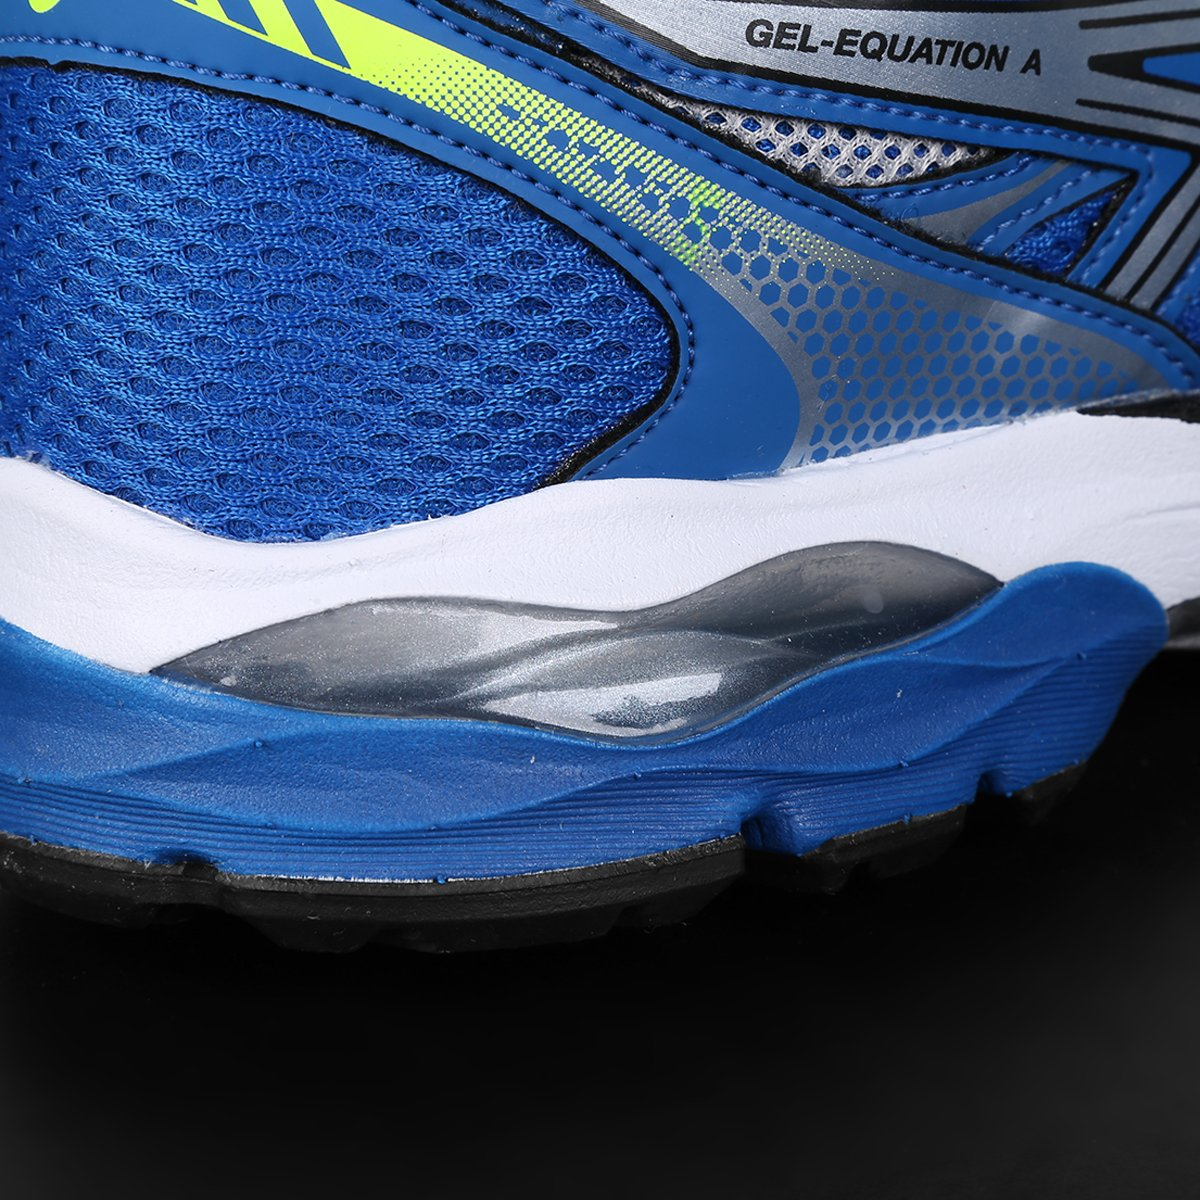 Azul Asics 9 Asics amarelo Equation Tênis e Tênis Masculino Gel aUwv0C0x